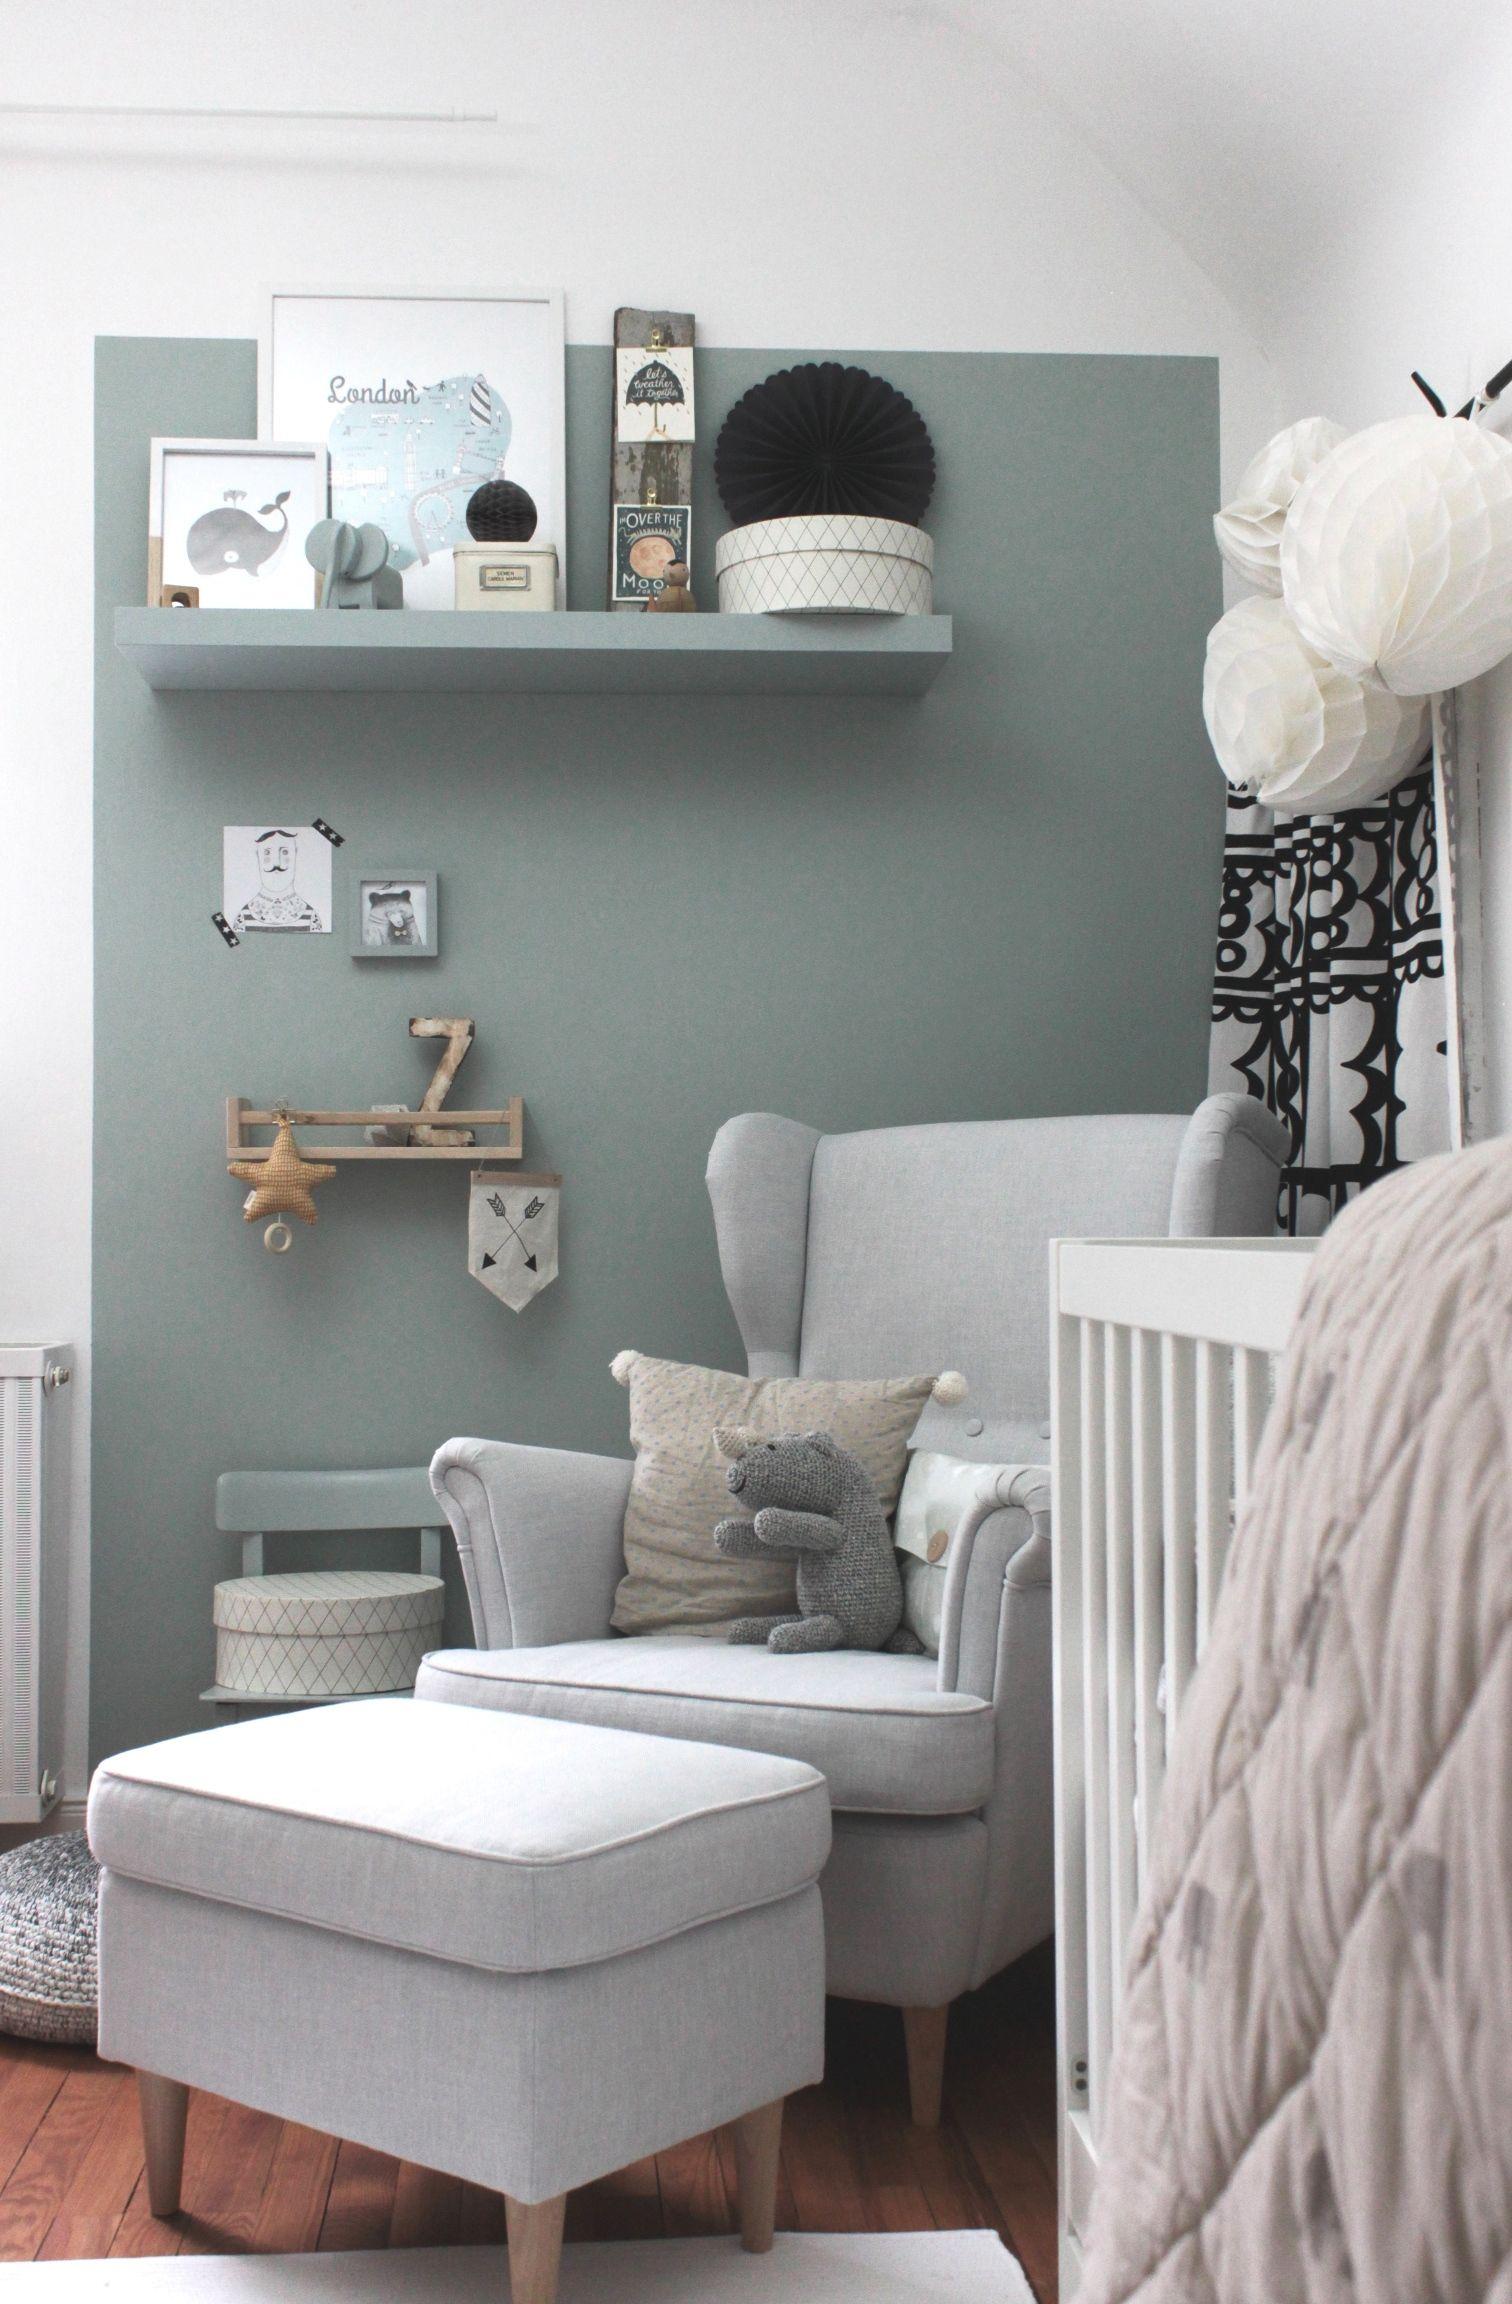 Eine Wand In Salbei Streichen Im Kinderzimmer Www Kolorat De Kolorat Wandfarbe Salbei Kinder Zimmer Graues Zimmer Wohnzimmer Streichen